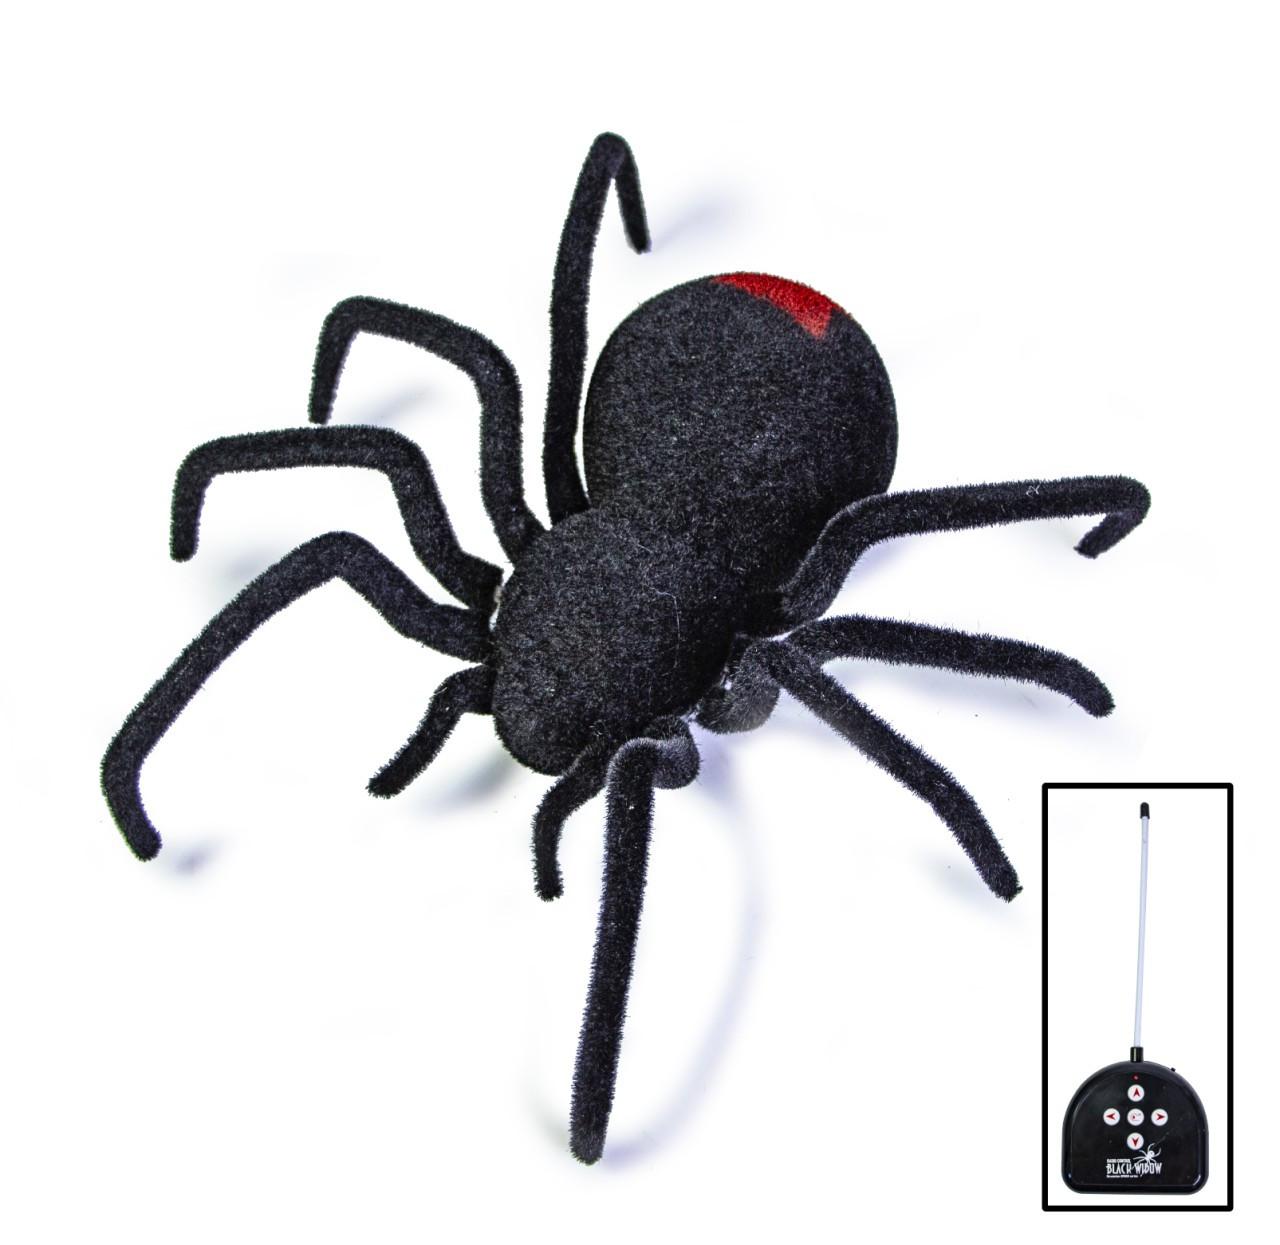 Робот на радиоуправлении Черная Вдова 779 паук (1822351817)